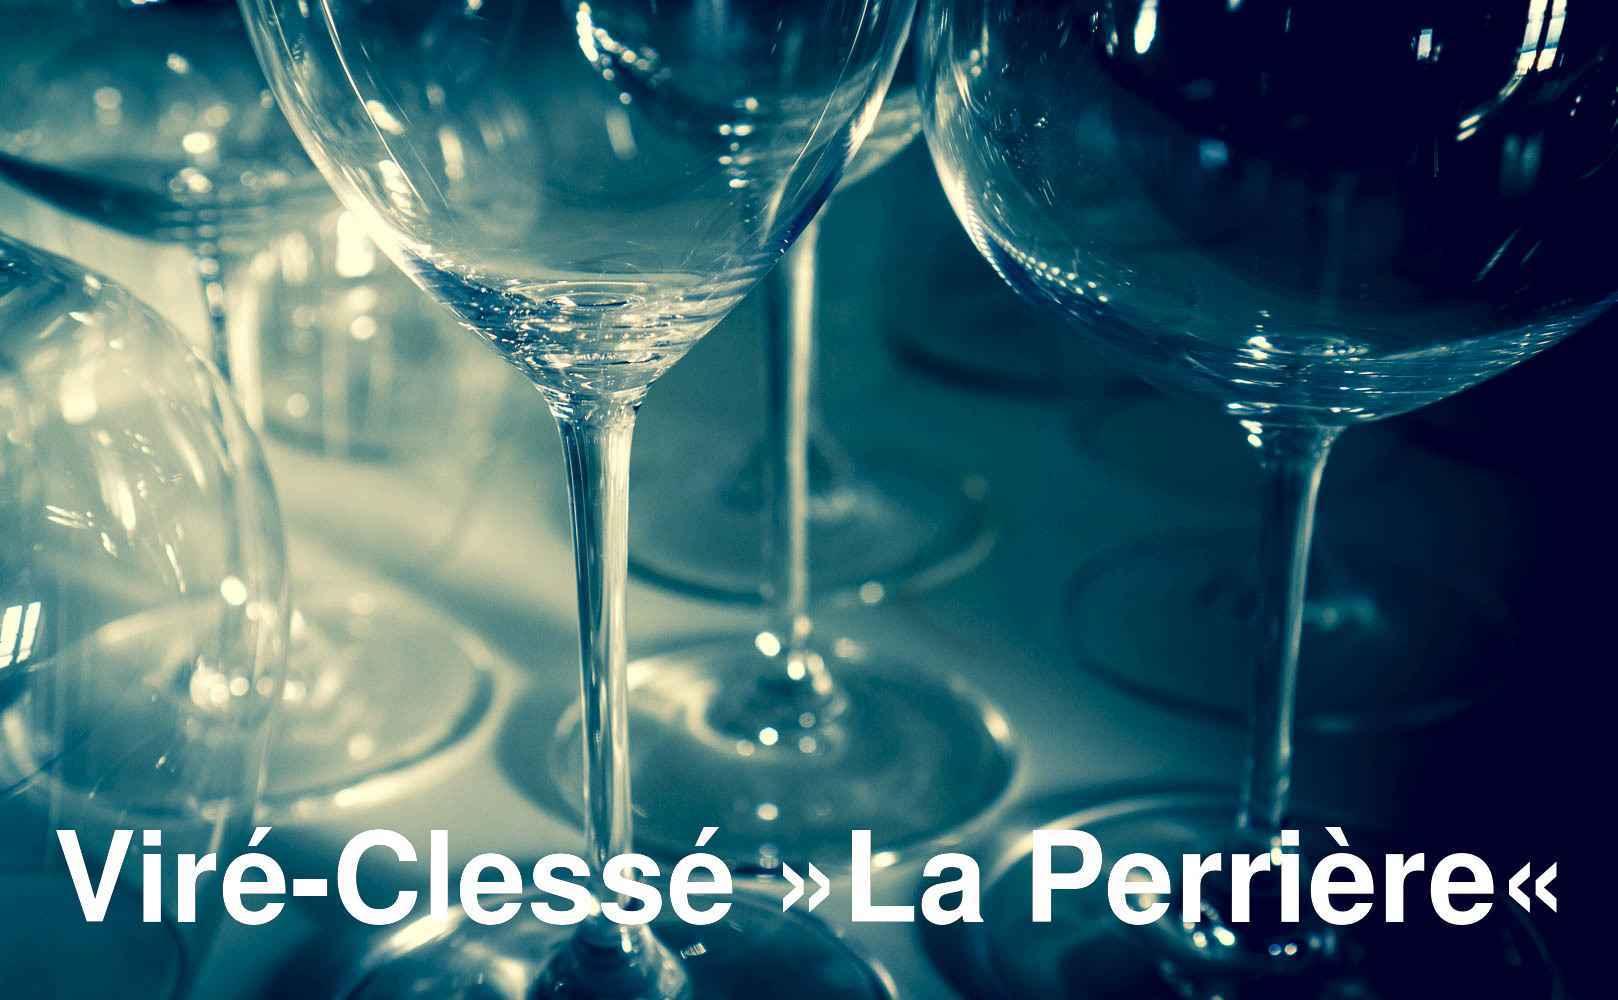 Go to Viré-Clessé »La Perrière« von Domaine Sainte Barbe aus Burgund, Frankreich